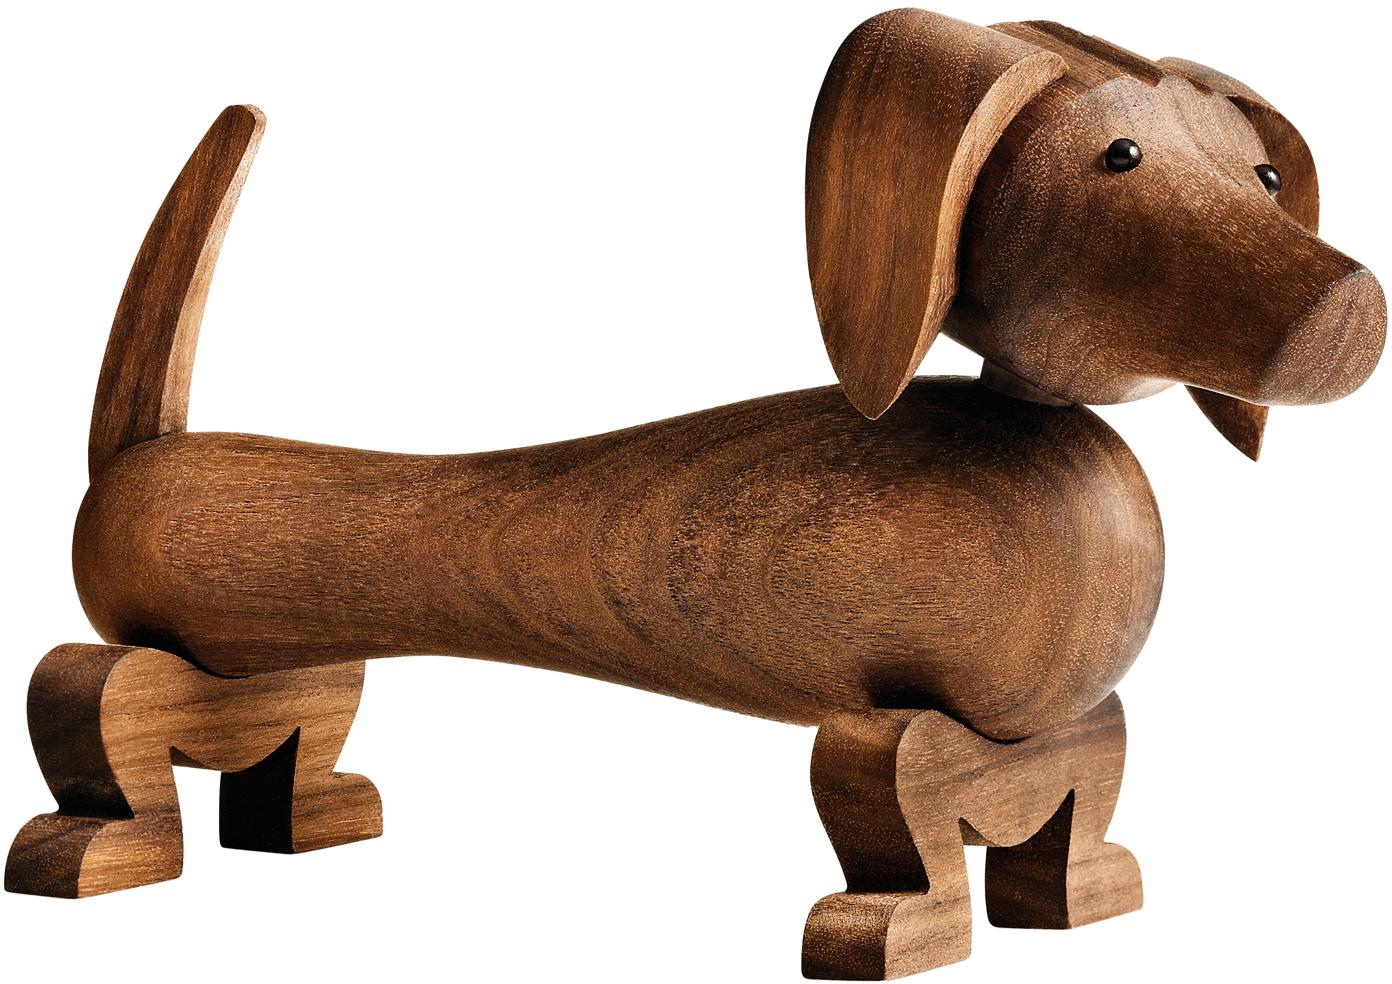 Designer-Deko-Objekt Dog, Walnussholz, lackiert, Walnussholz, 18 x 11 cm